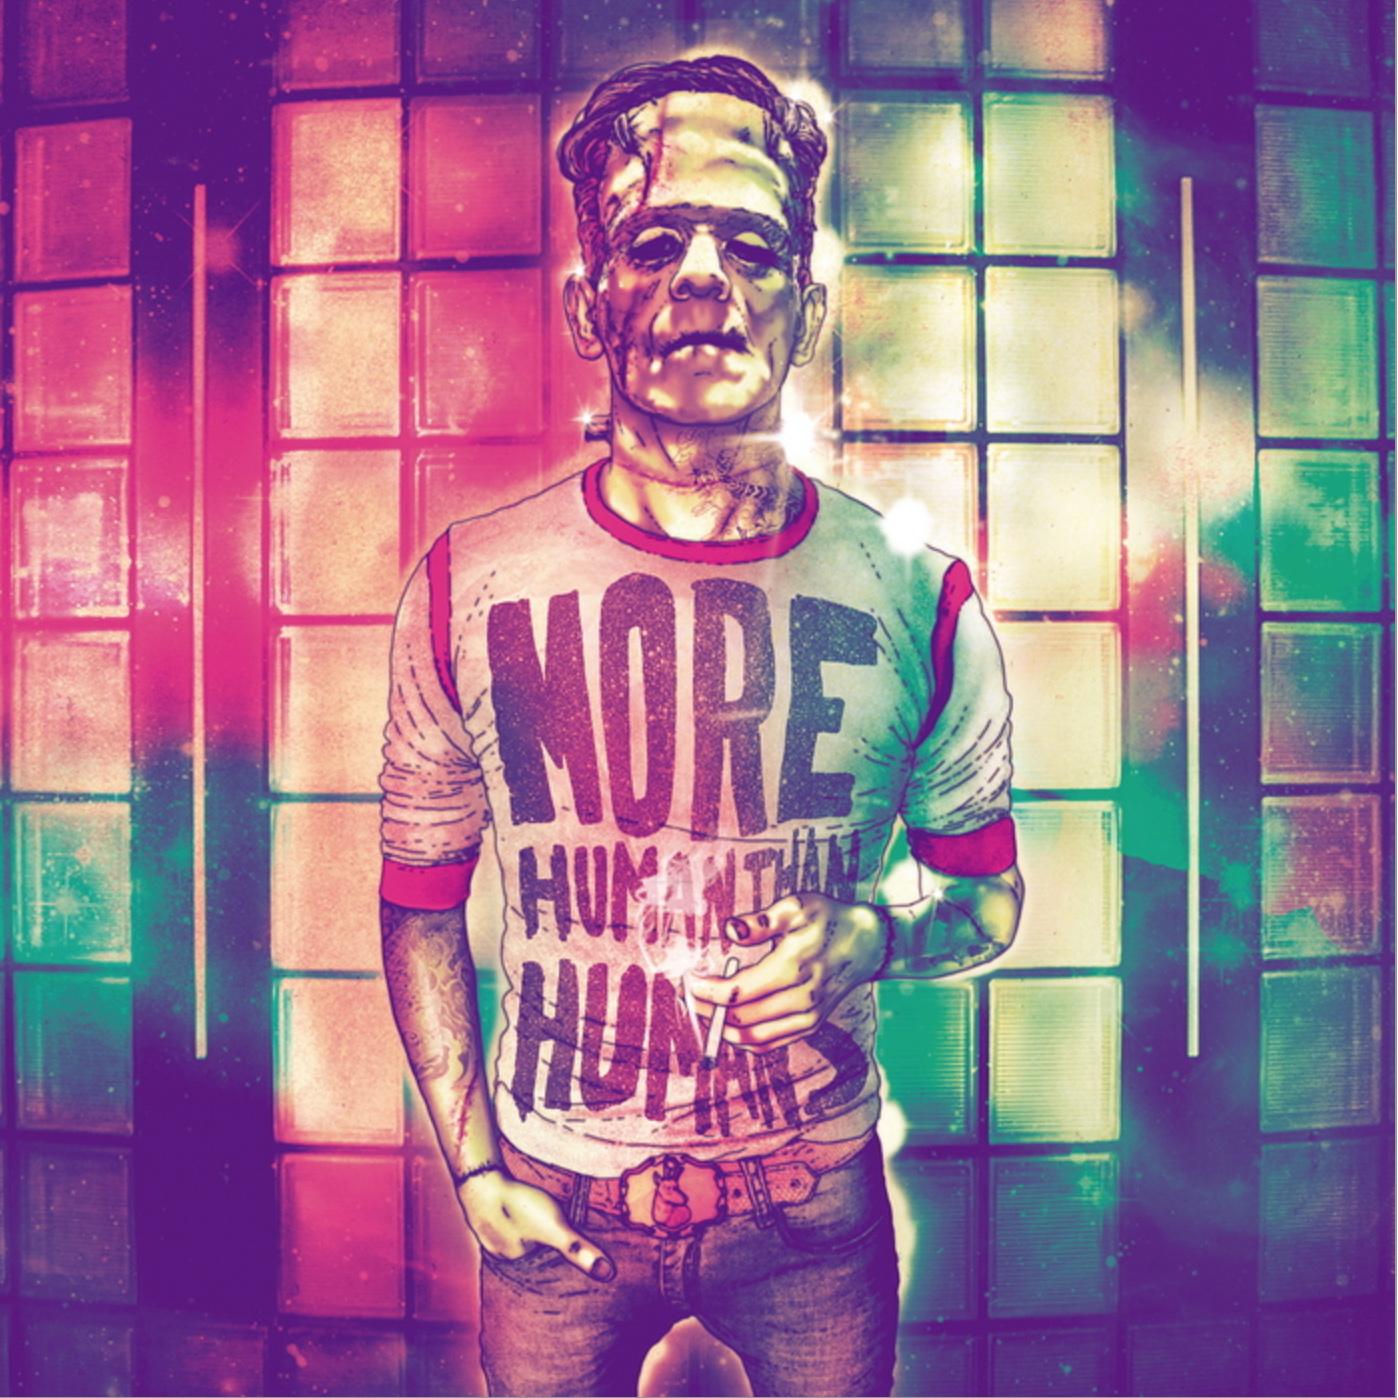 Франкенштейн Надпись на футболке: «Человечнее людей»